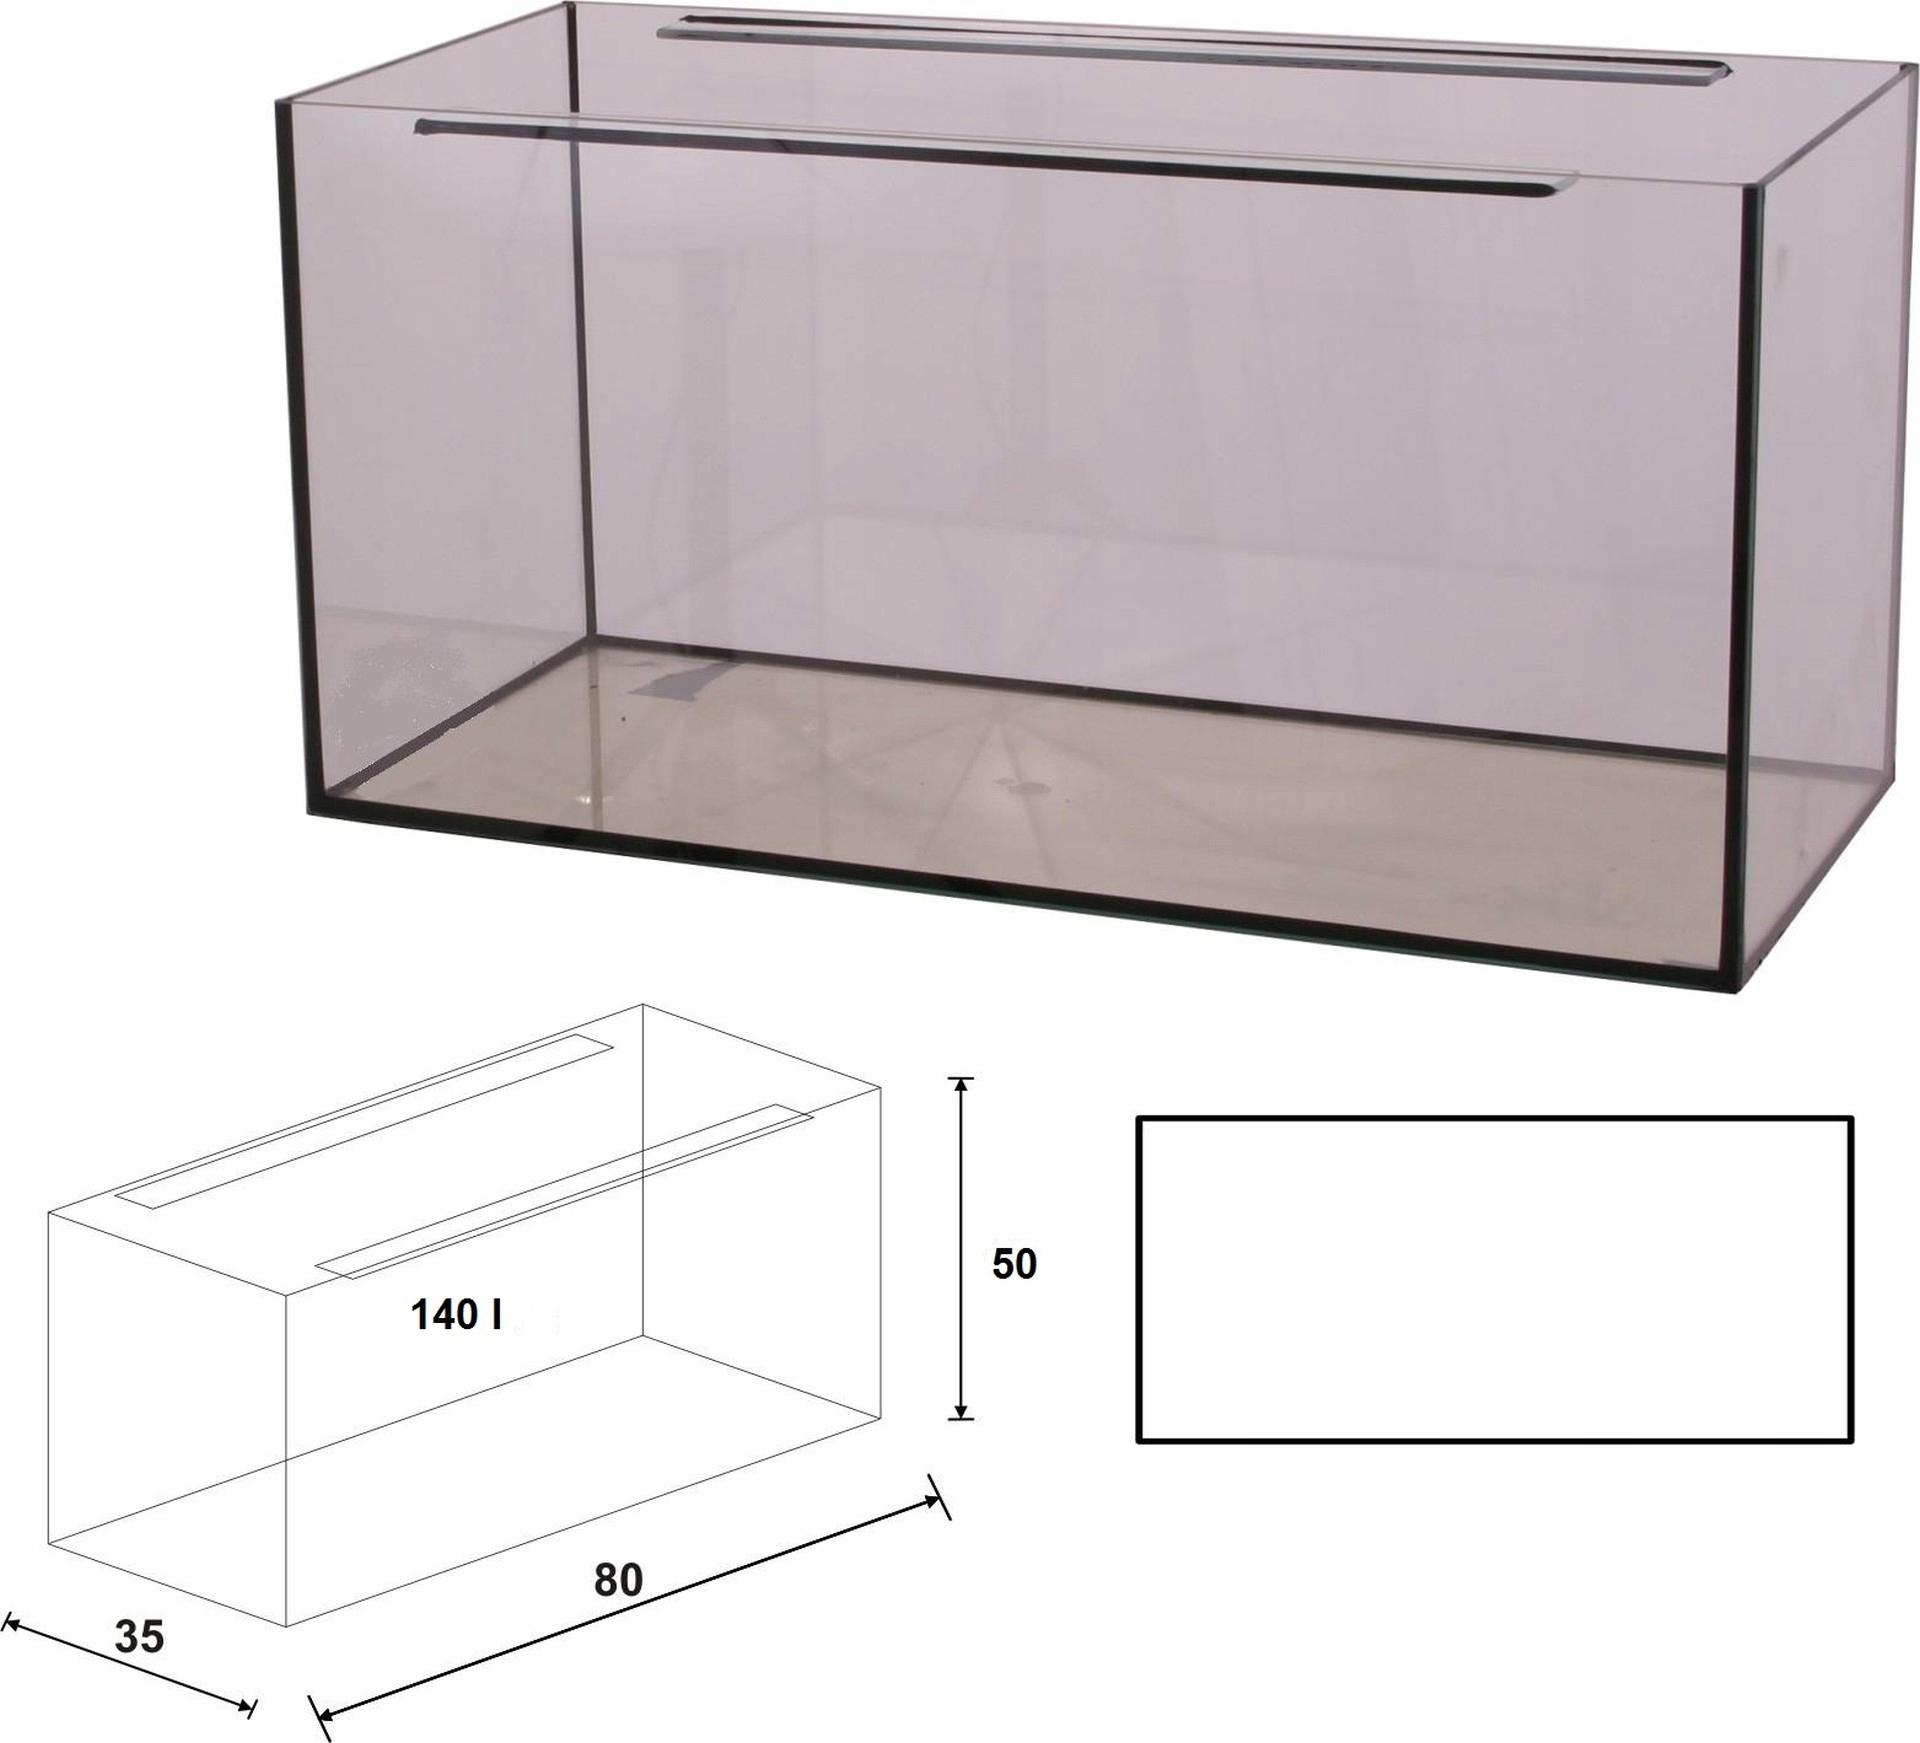 Akwarium 80x35x50 proste 140 litrów 8 mm